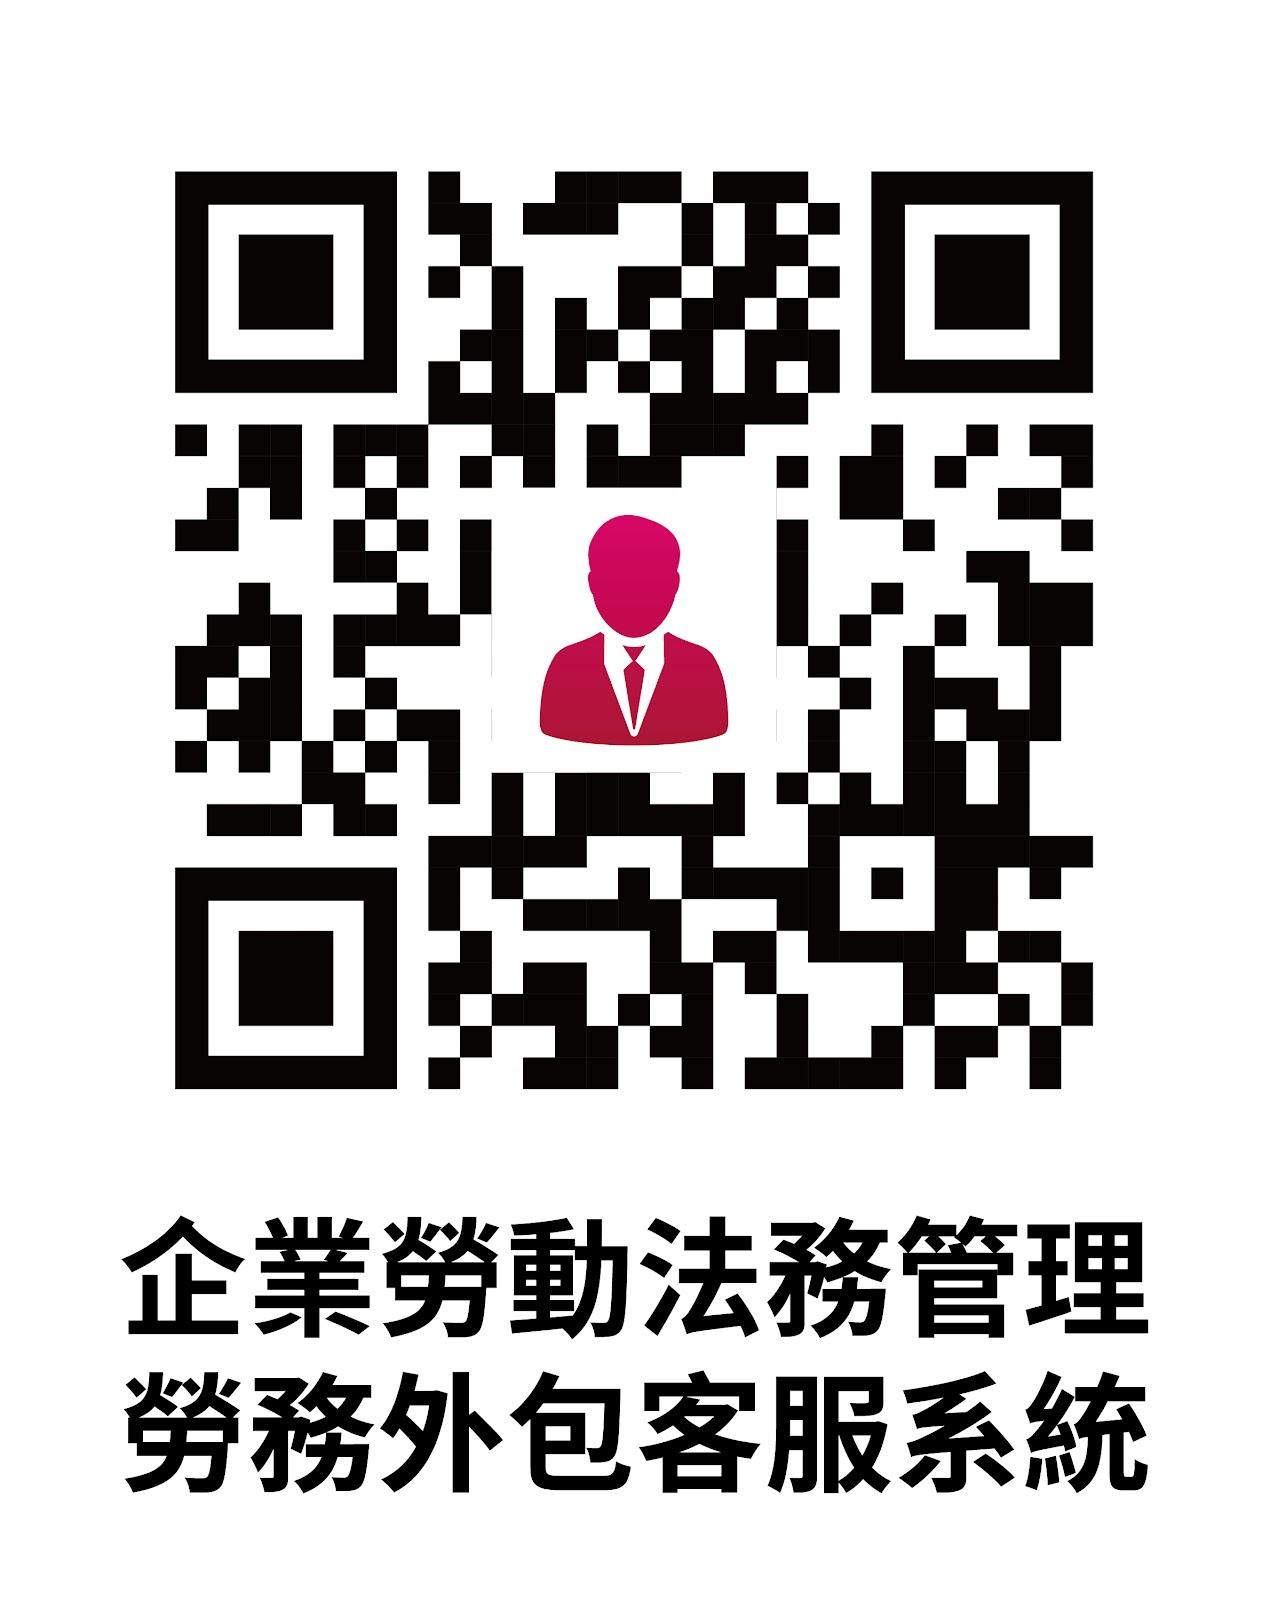 企業勞動法務管理勞務外包客服系統(二維碼).png